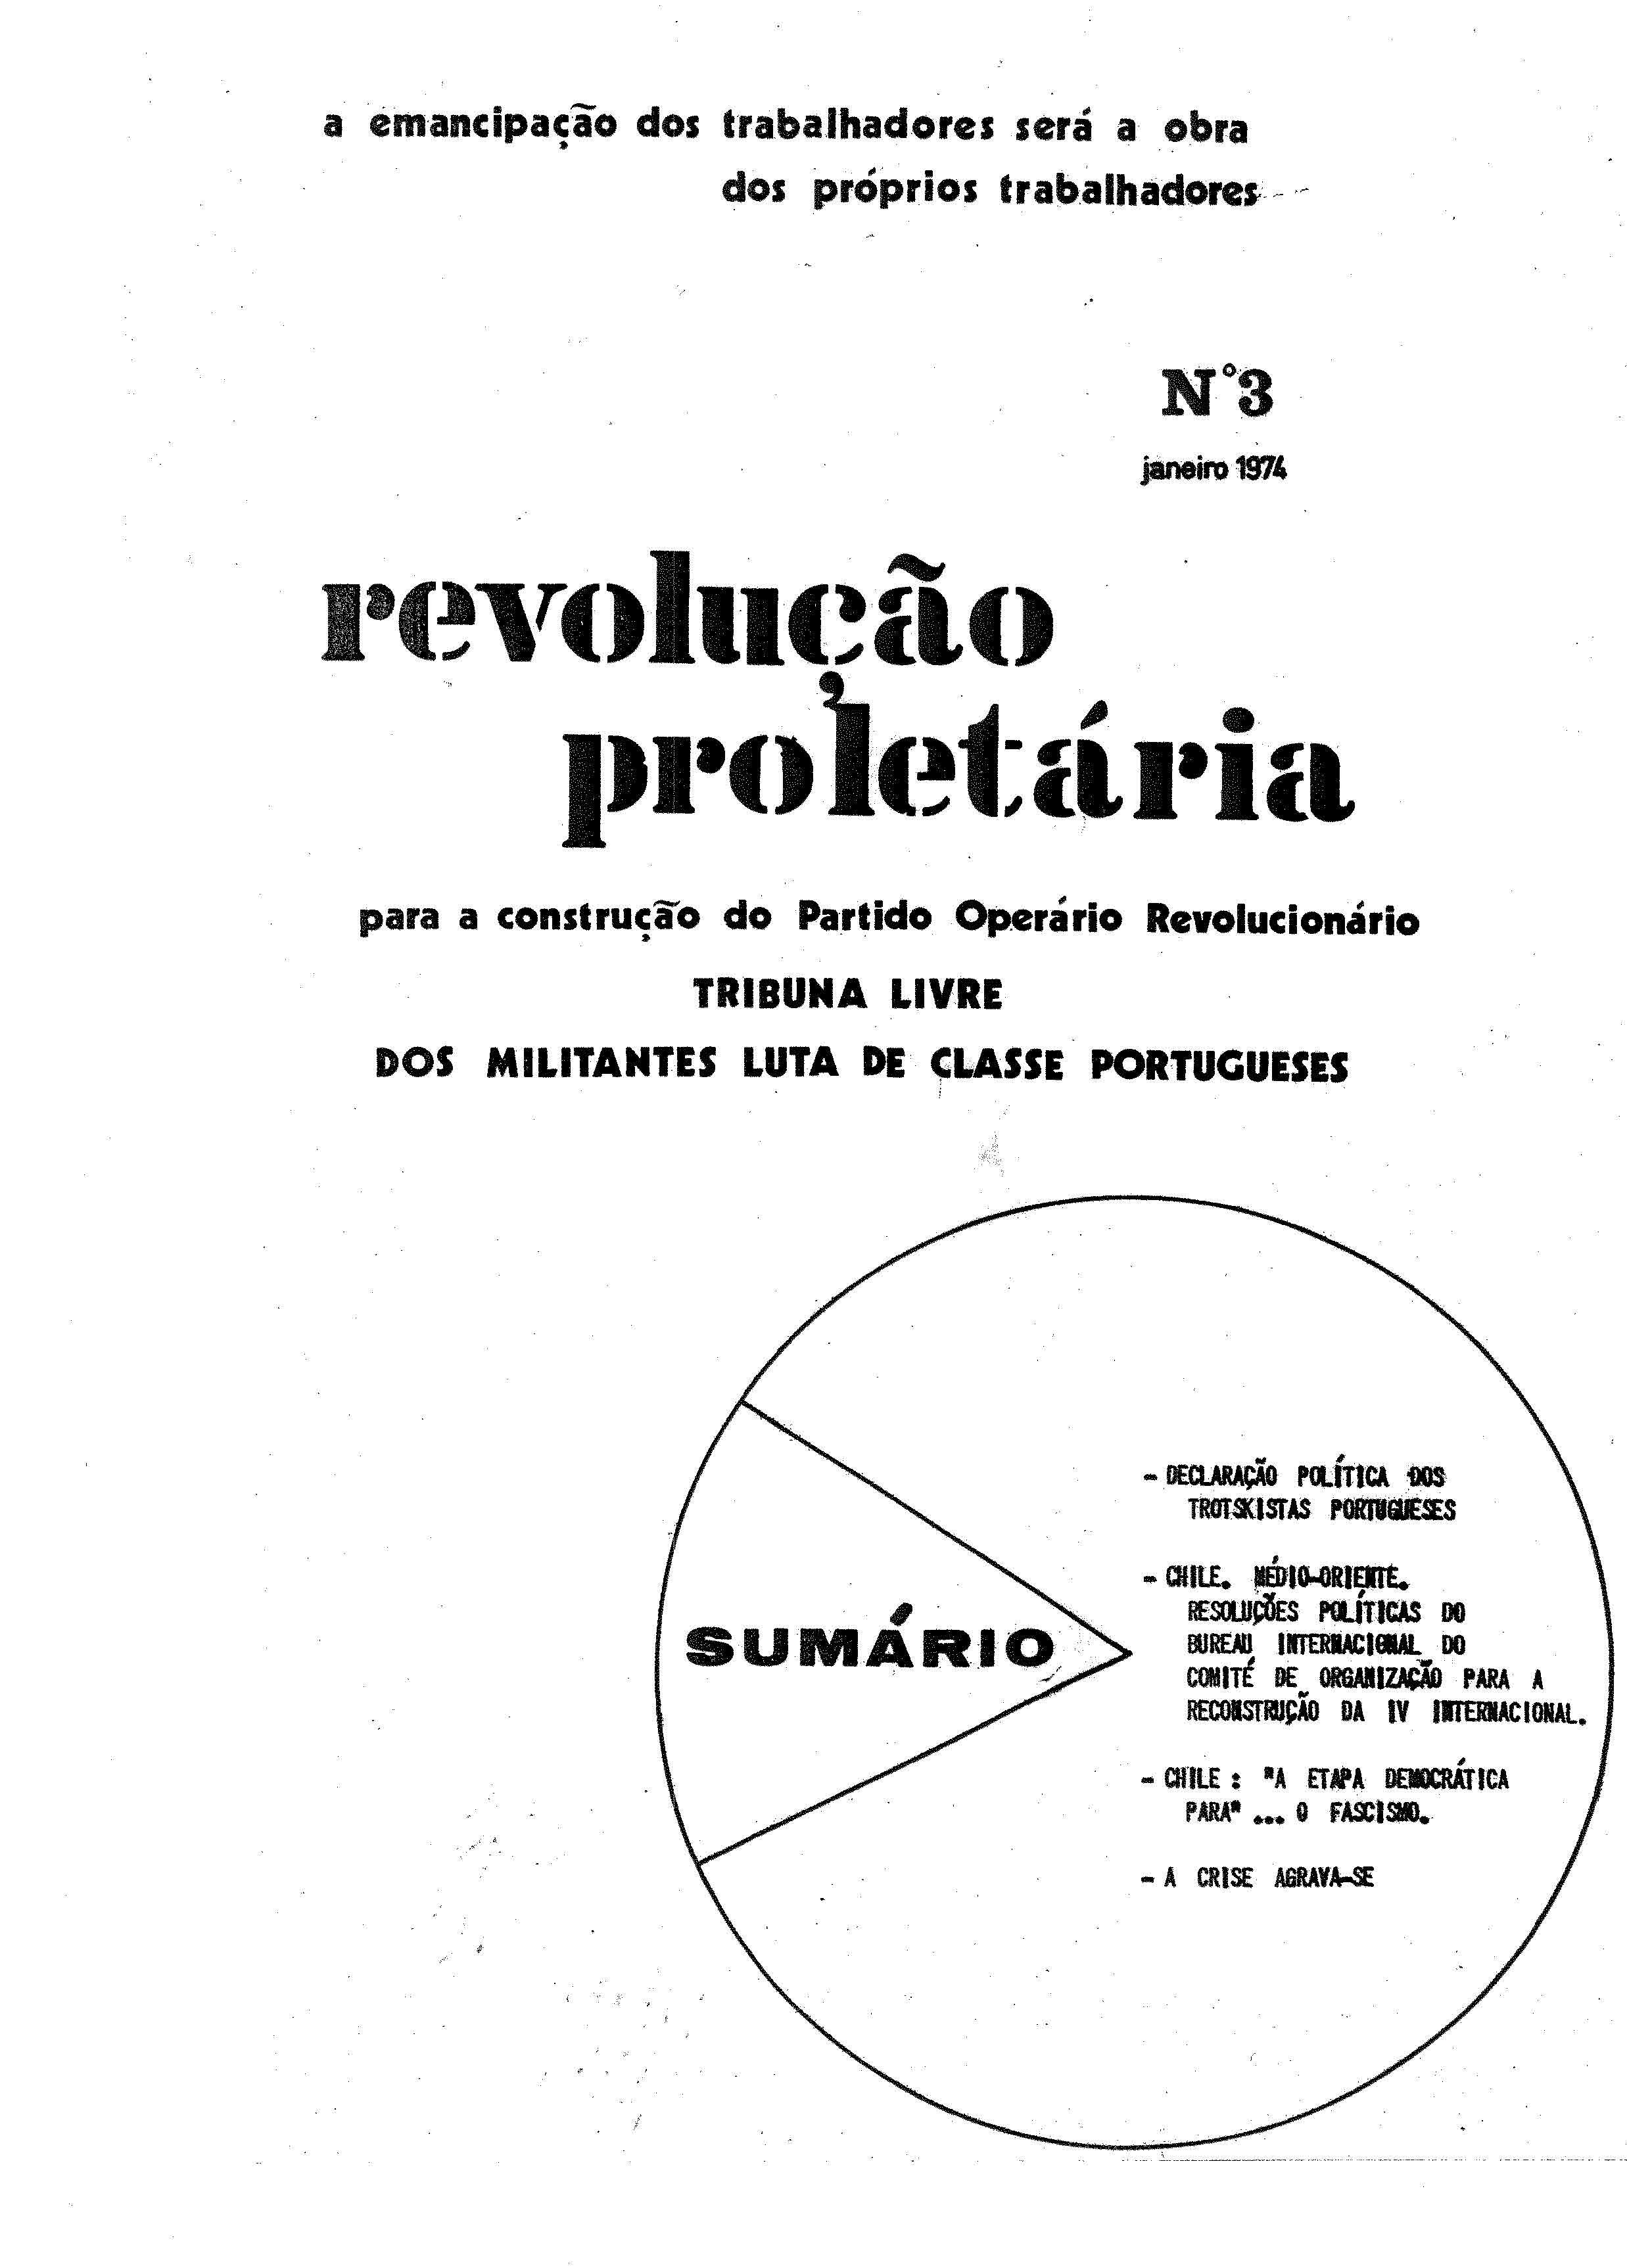 Copy of revoluçao proletaria n 3 jan 74